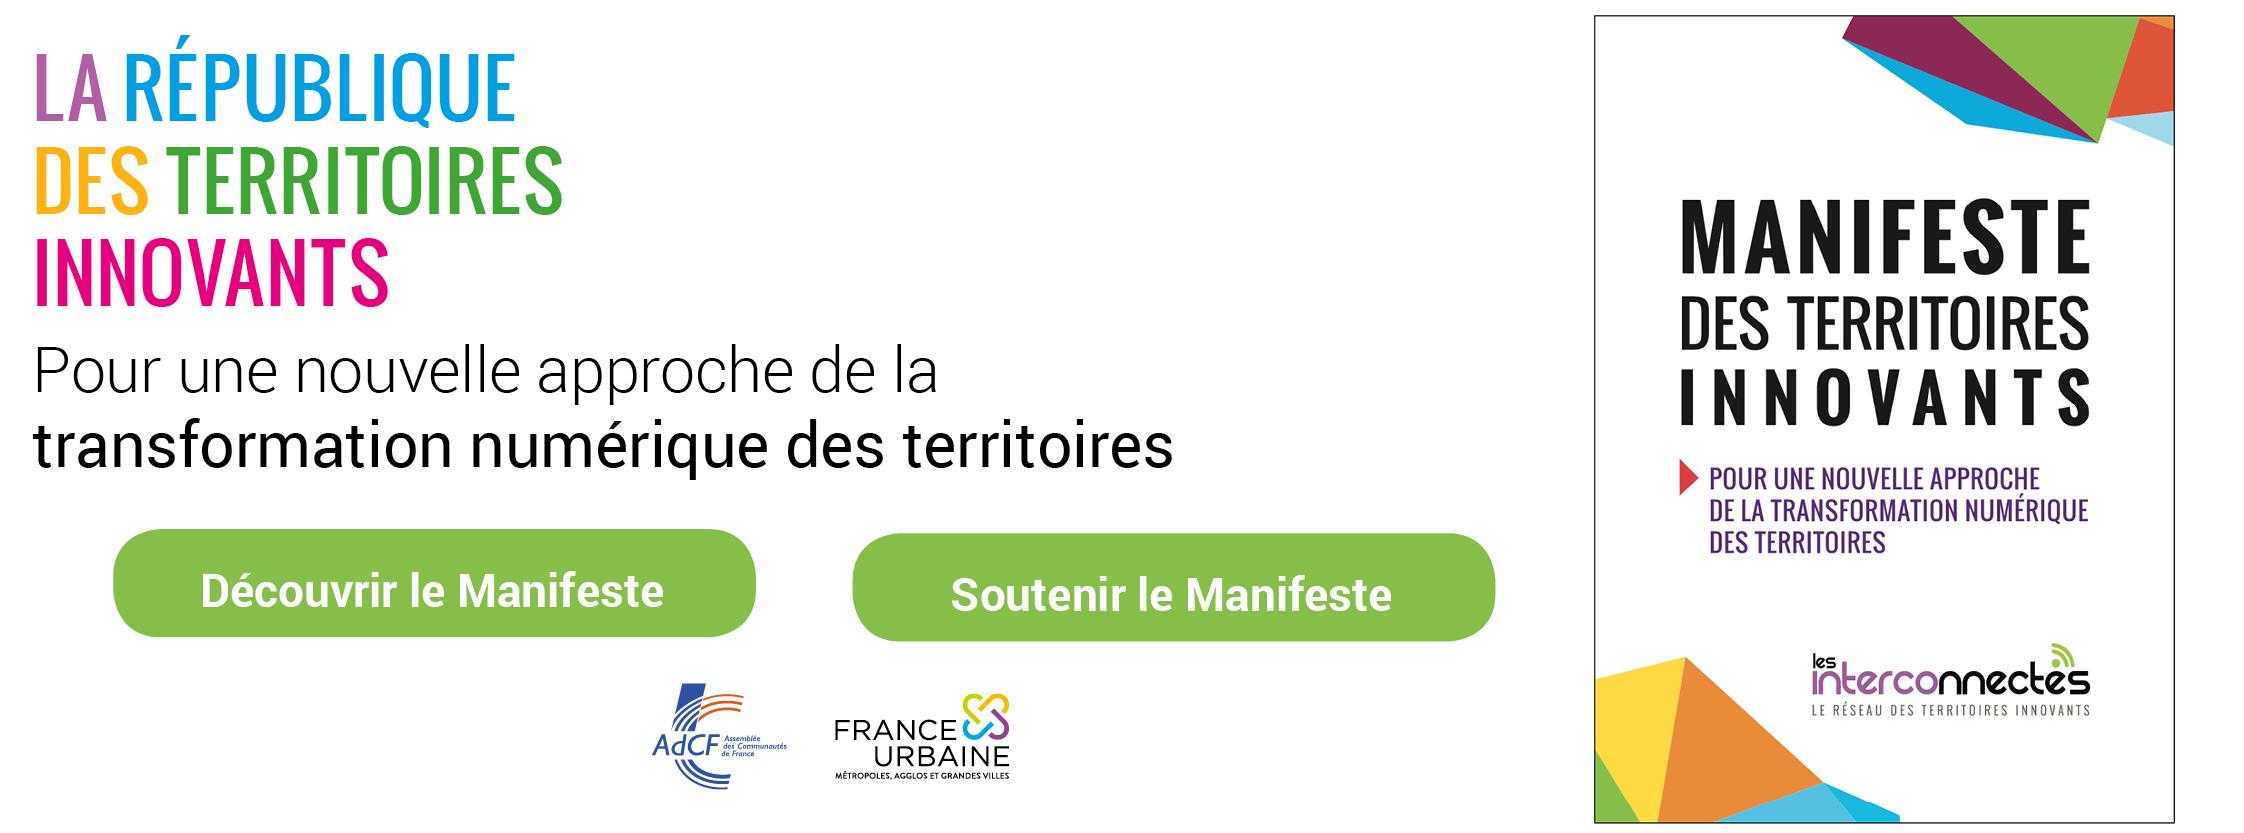 banniere-site-janv2018